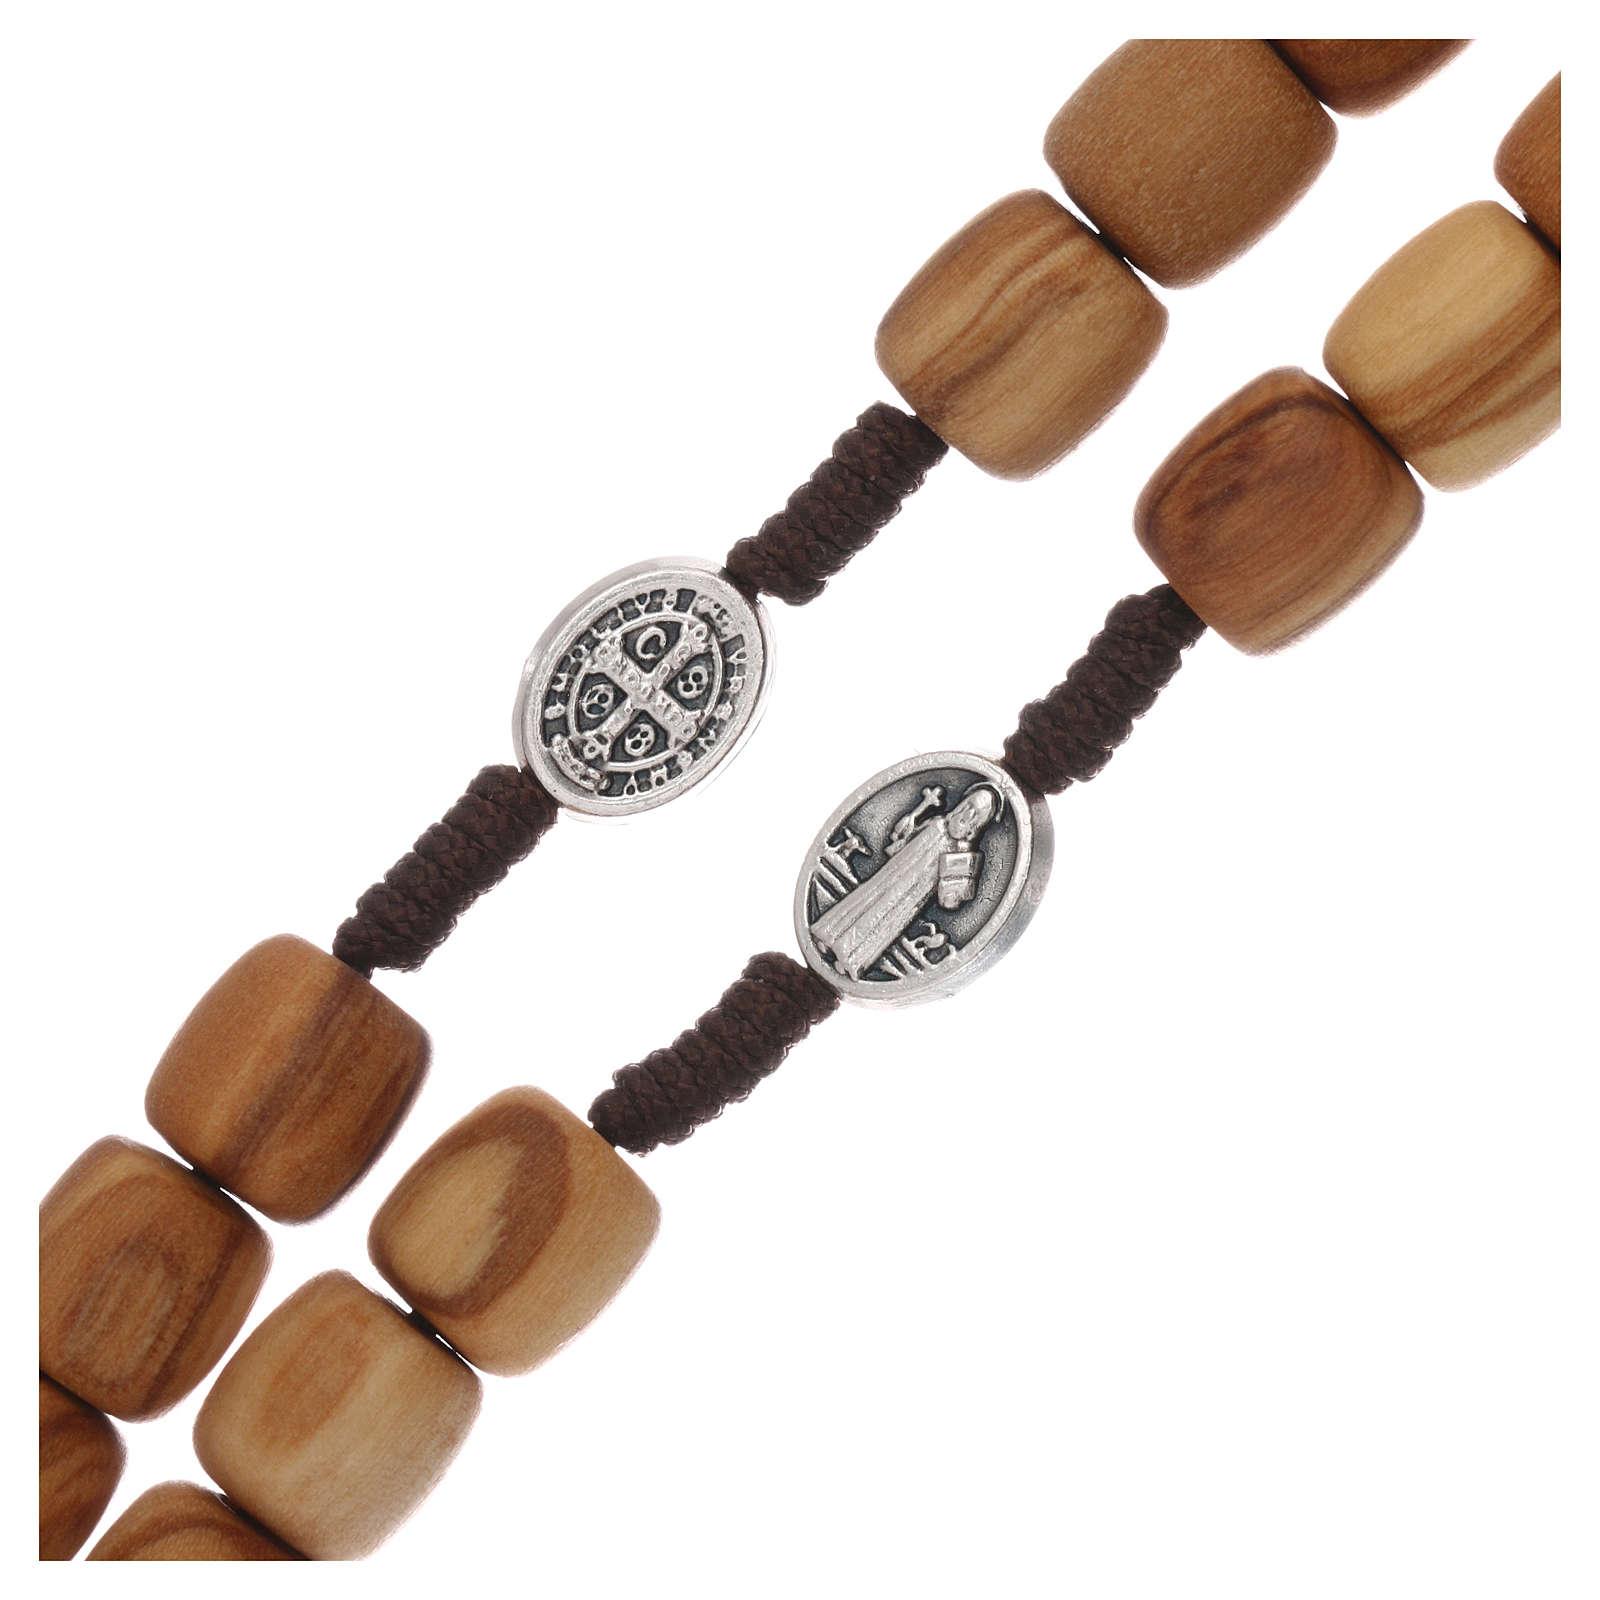 Różaniec drewno oliwne Medziugorie 10 mm sznurek łącznik drewno oliwne 4